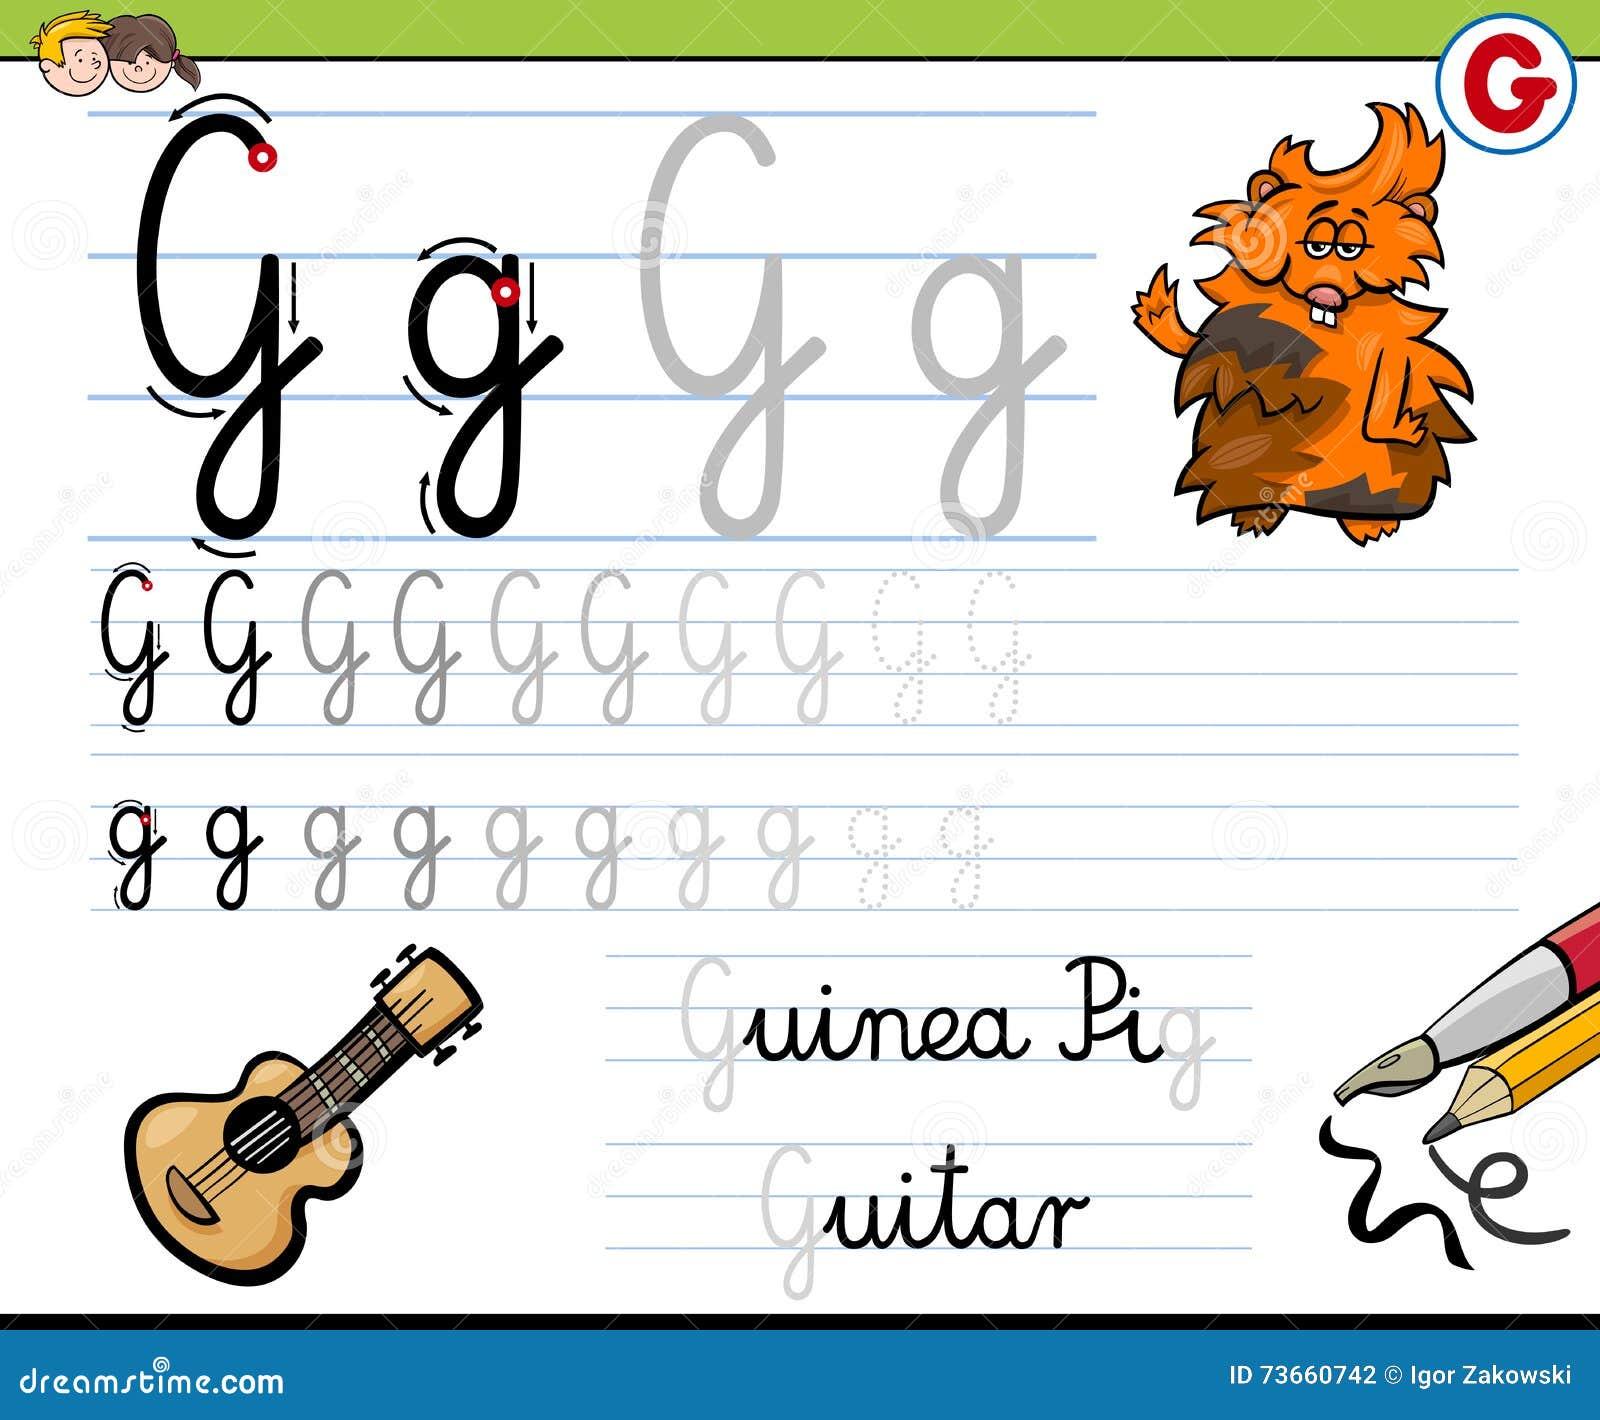 Wie man Brief g schreibt vektor abbildung. Illustration von zicklein ...